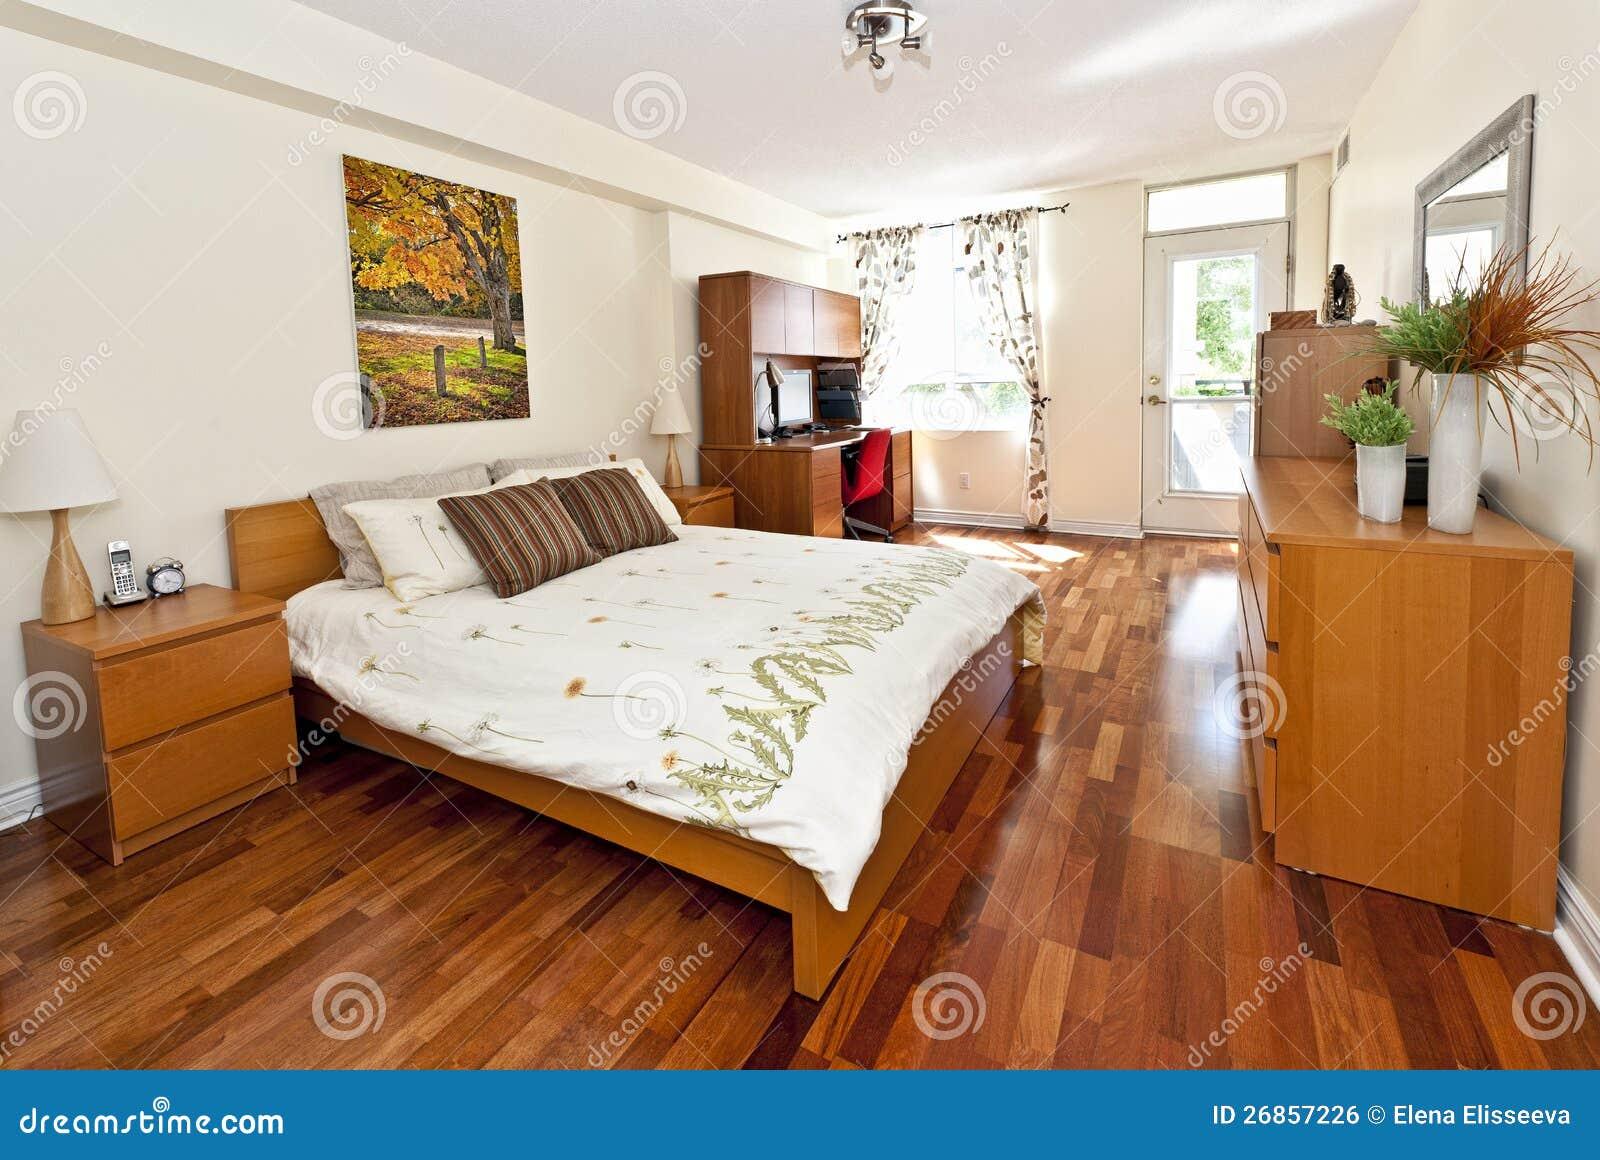 Intérieur De Chambre à Coucher Avec L\'étage De Bois Dur Photo stock ...